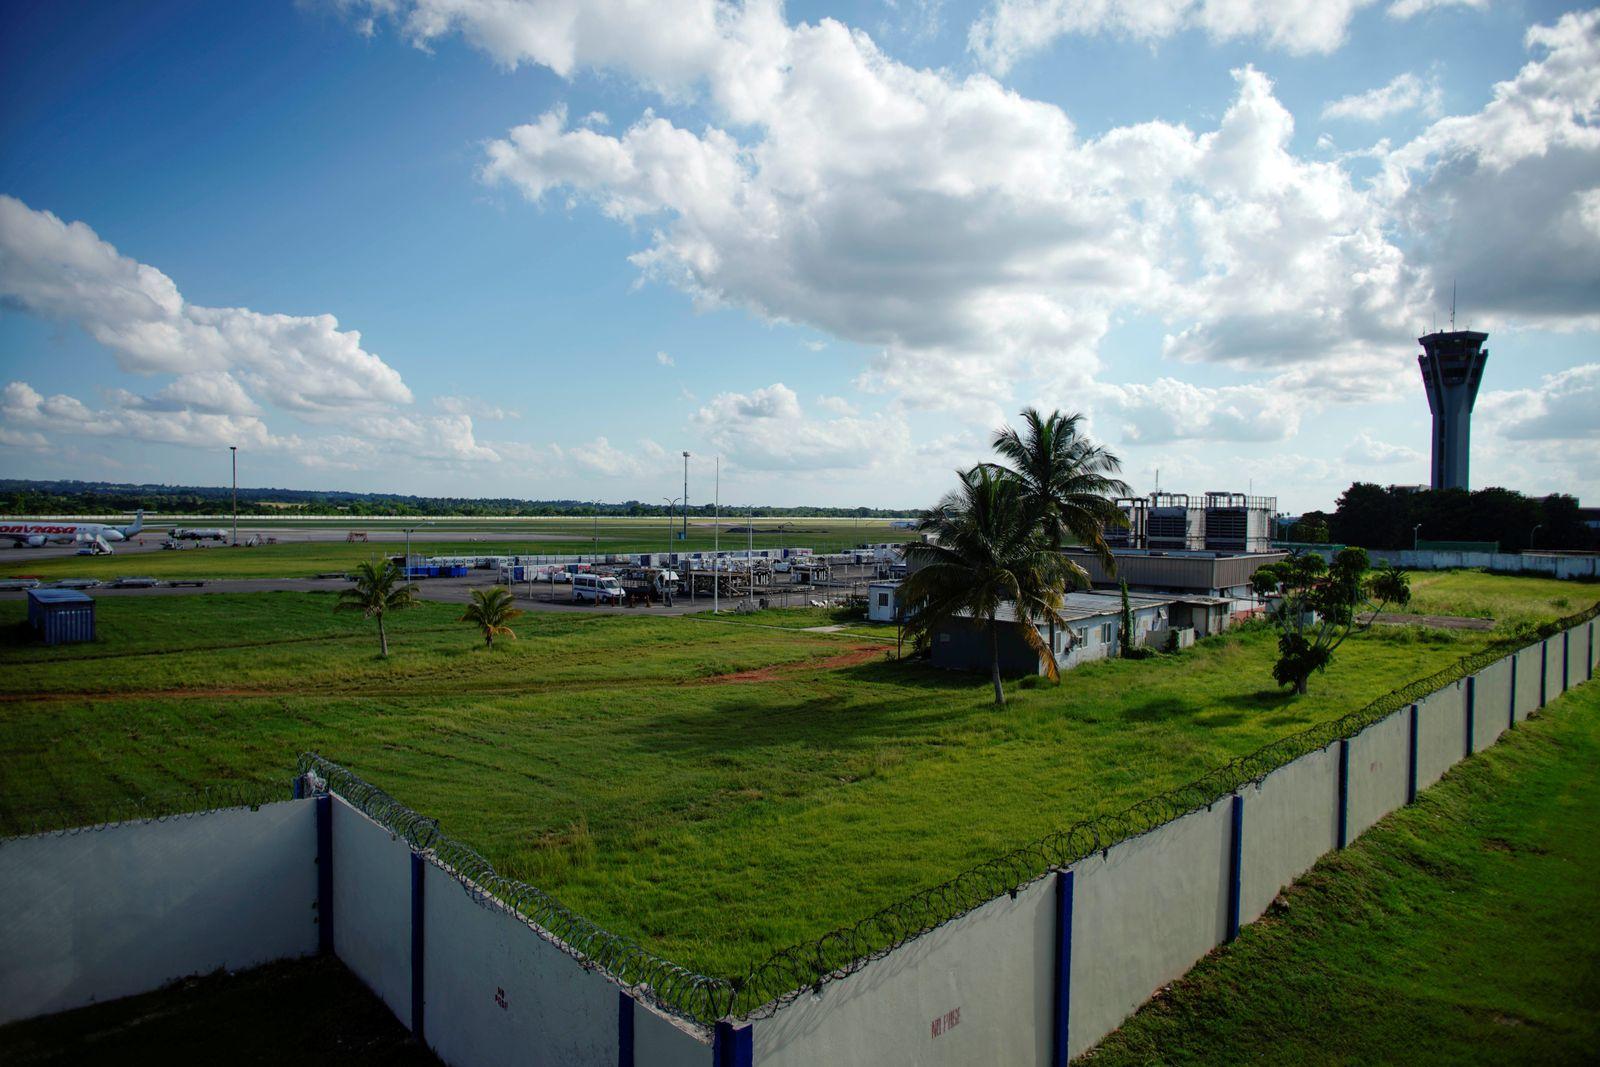 Cuba Kuba Havana Hvanna FLughafen